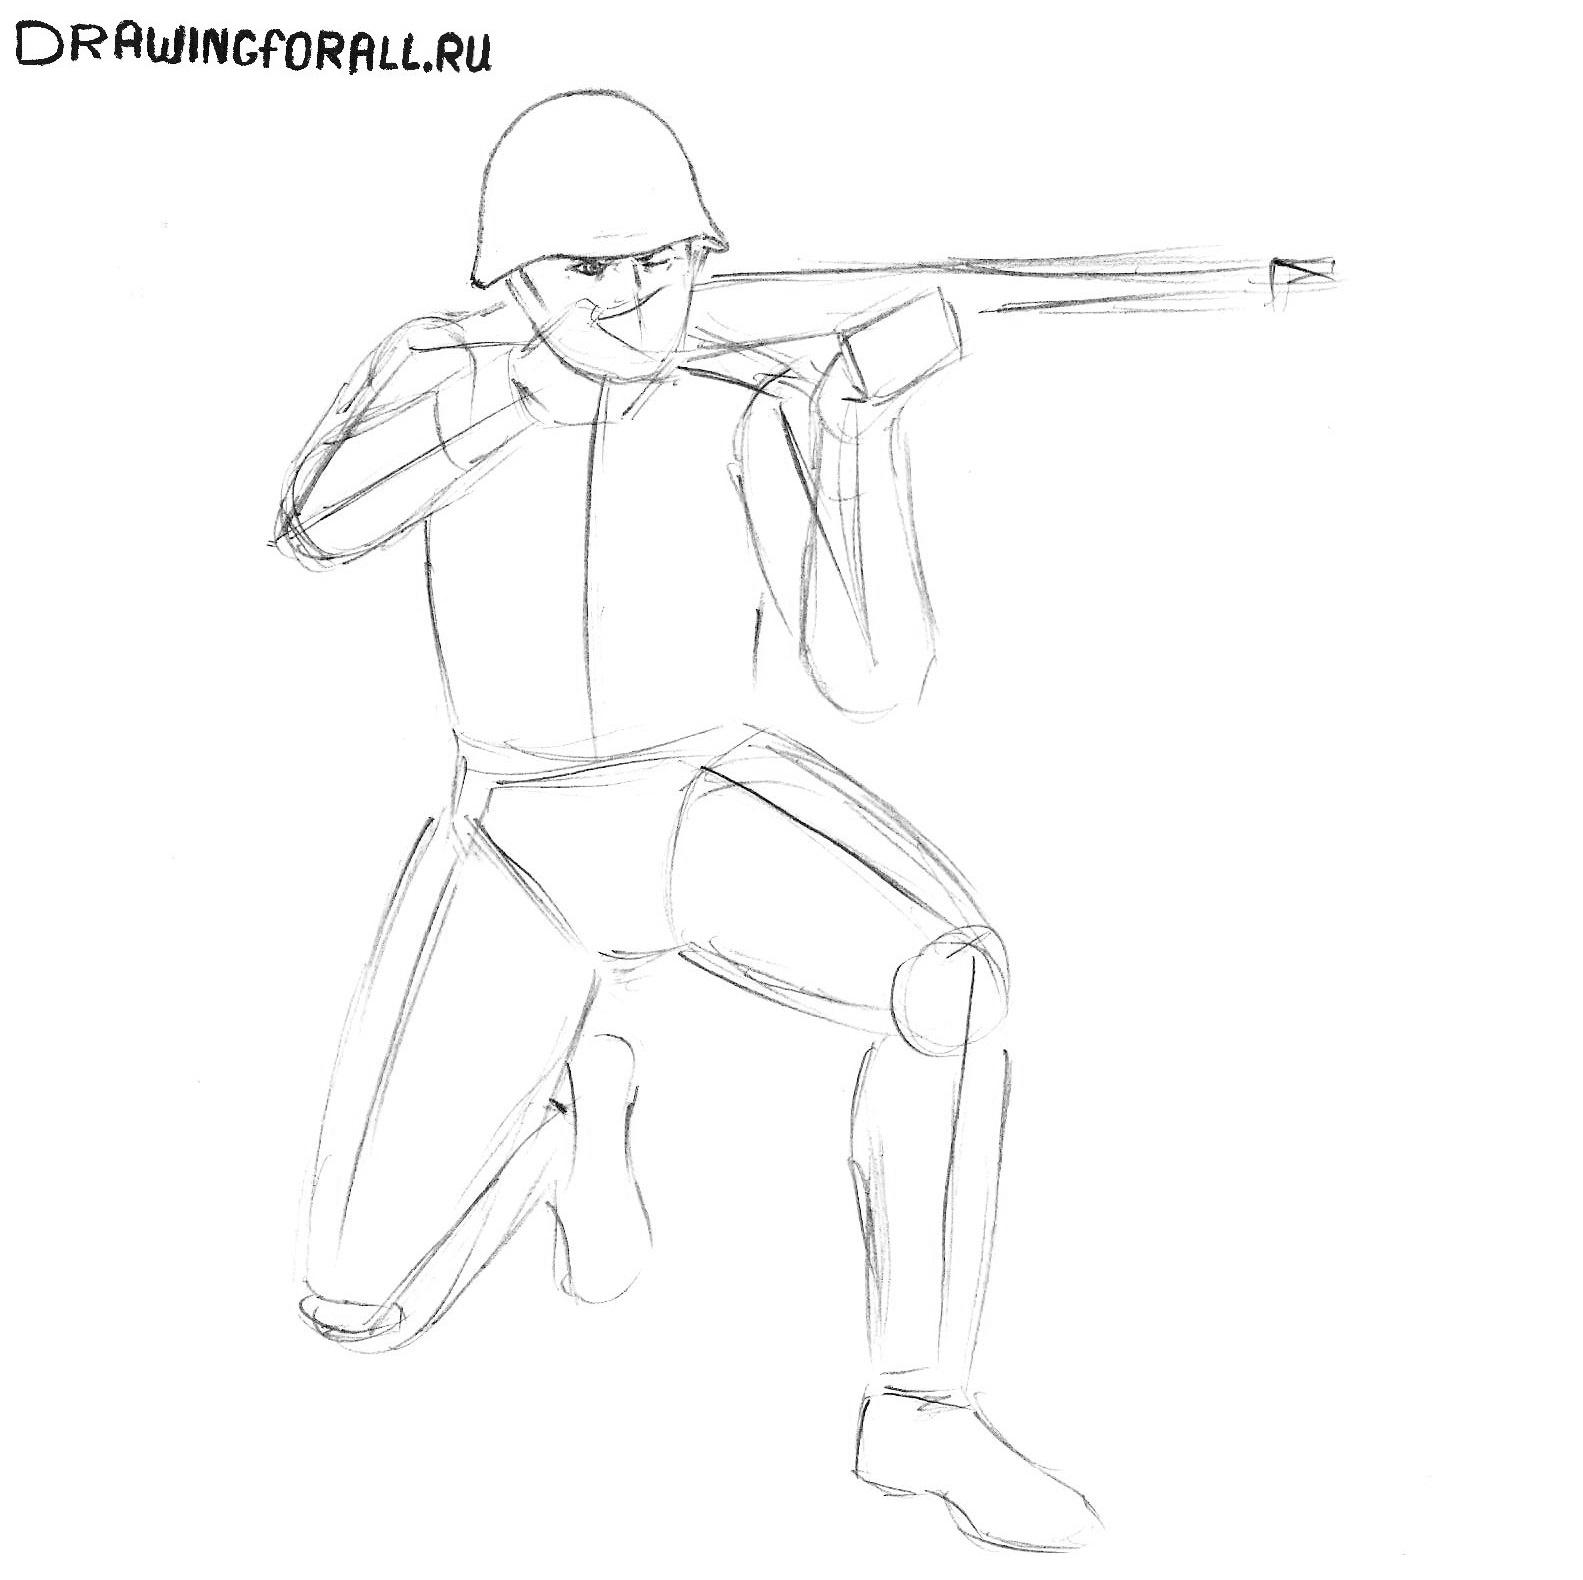 как нарисовать солдата ребёнку